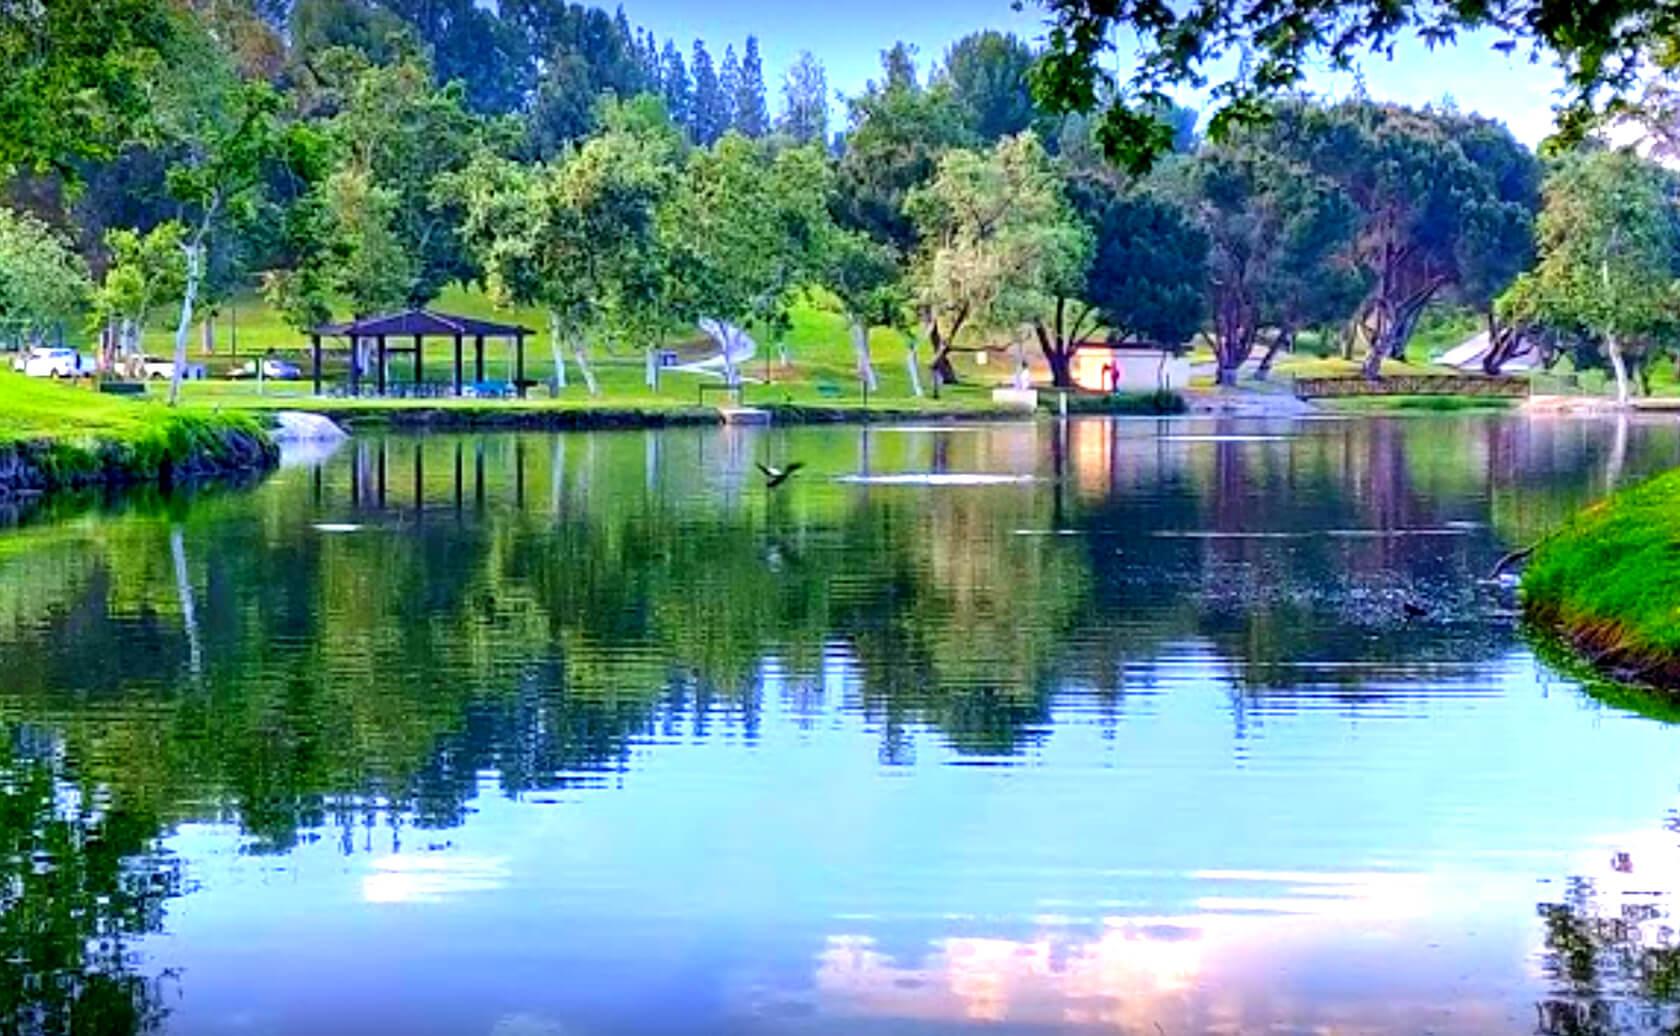 Craig-Regional-Park-Lake-Fishing-Guide-Report-Fullerton-CA-05